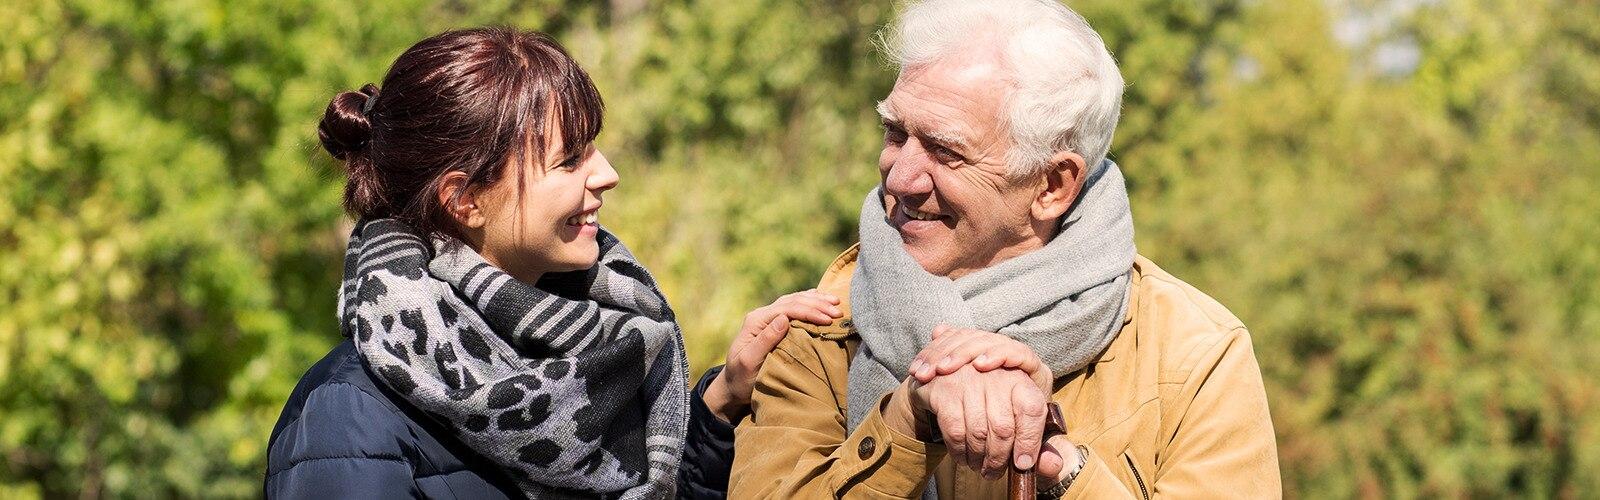 Starejši moški sedi zunaj z mlajšo žensko – finančna pomoč za negovalce.